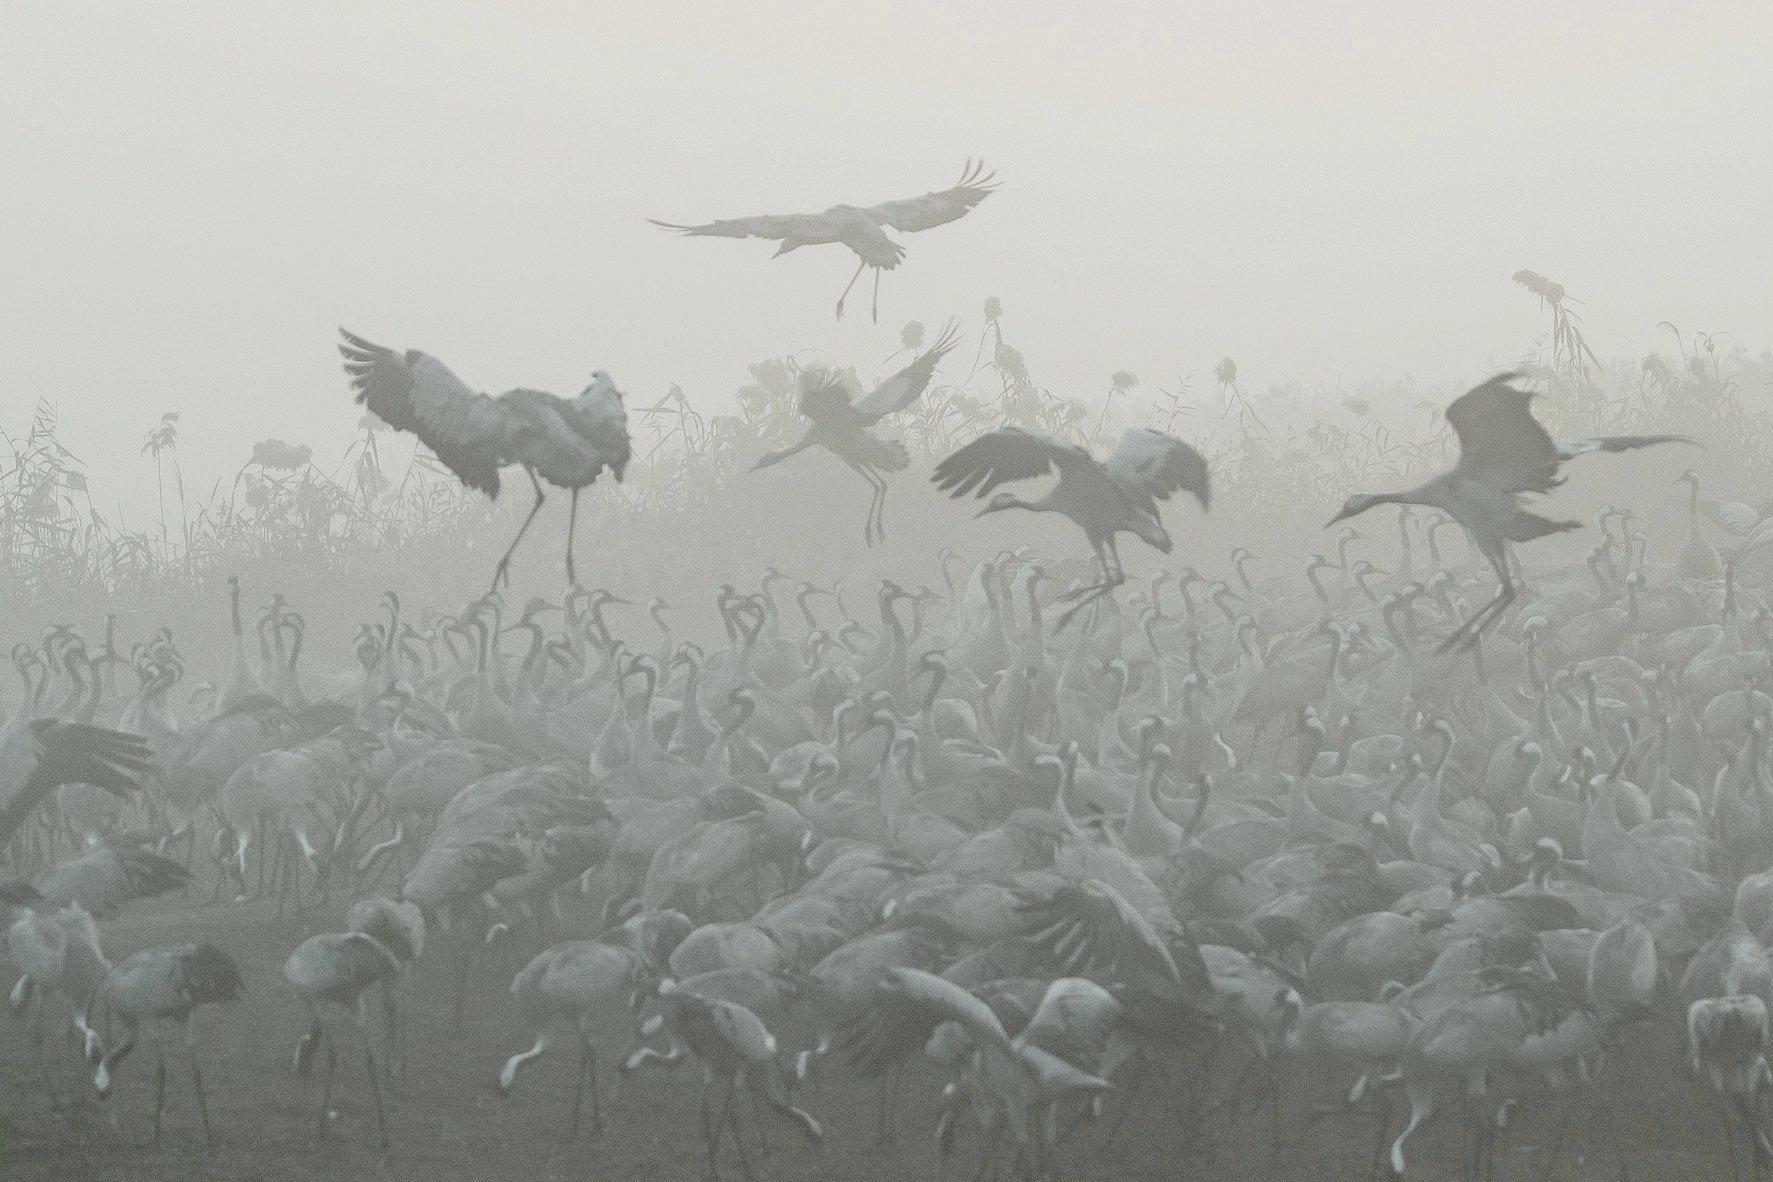 Журавли, Природа, Птицы, Туман, Утро, Наталья Рублина